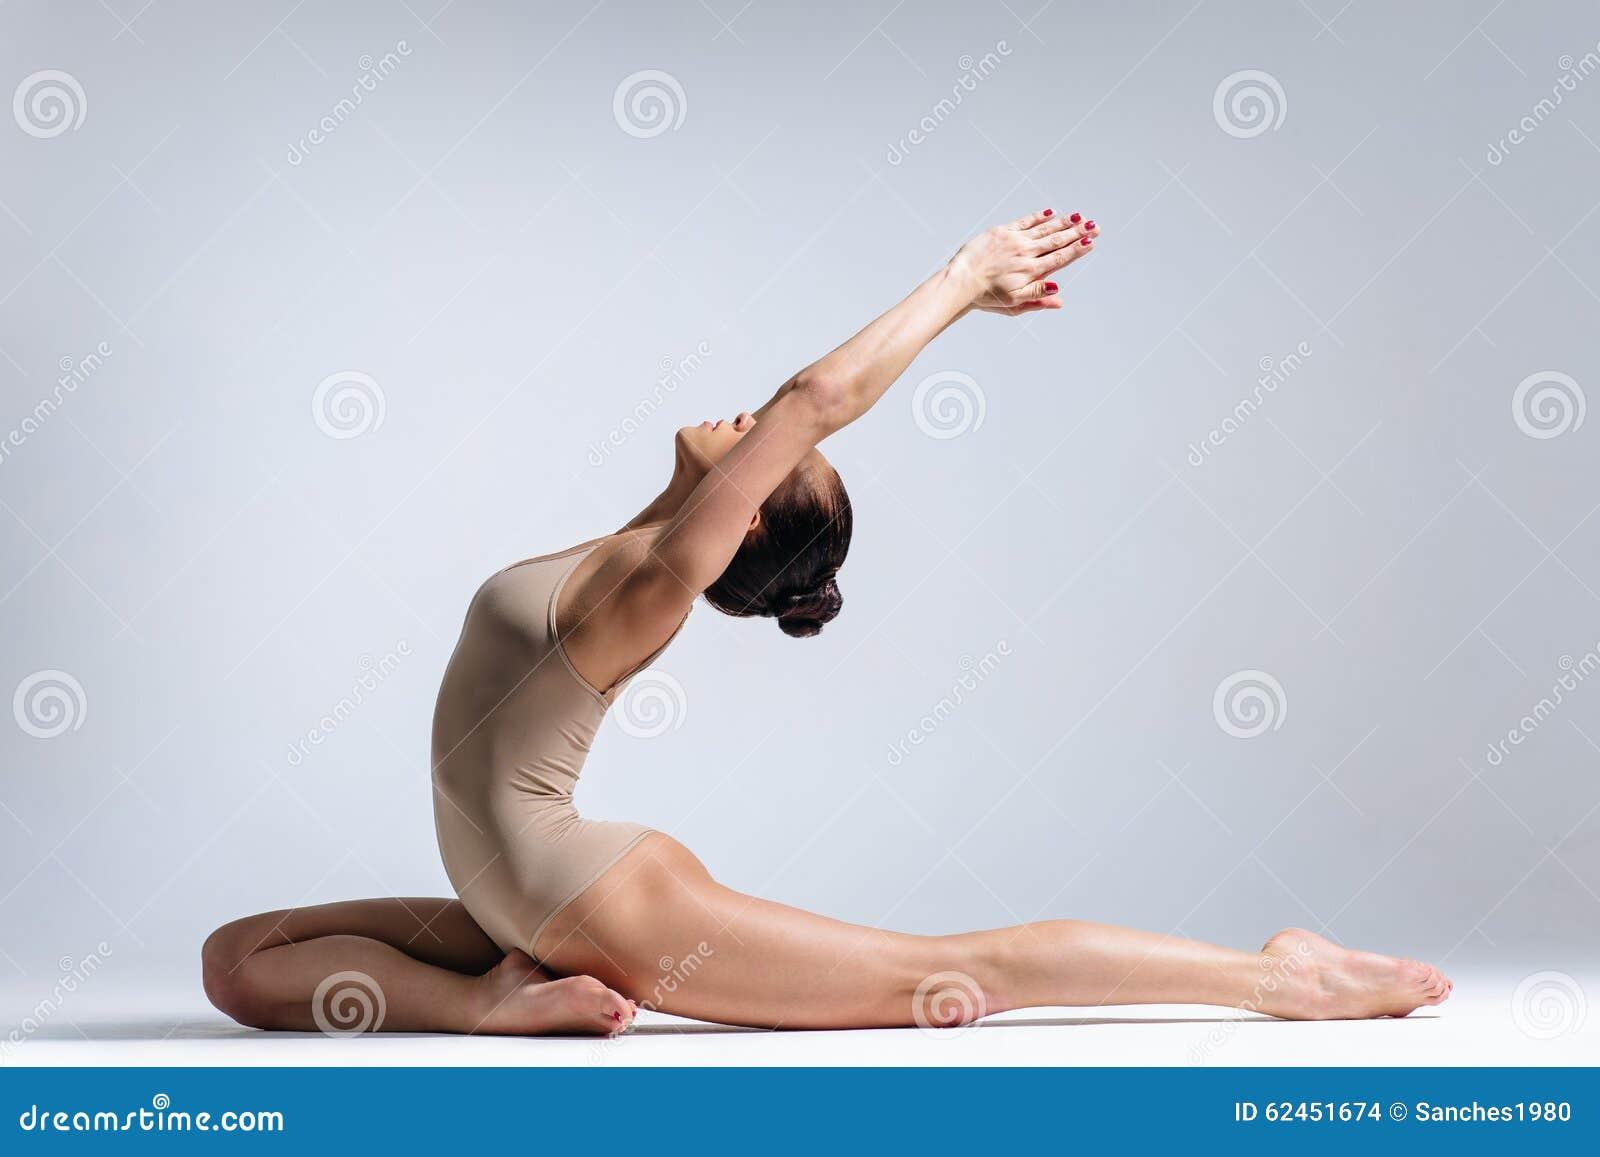 Amateur brunette naked